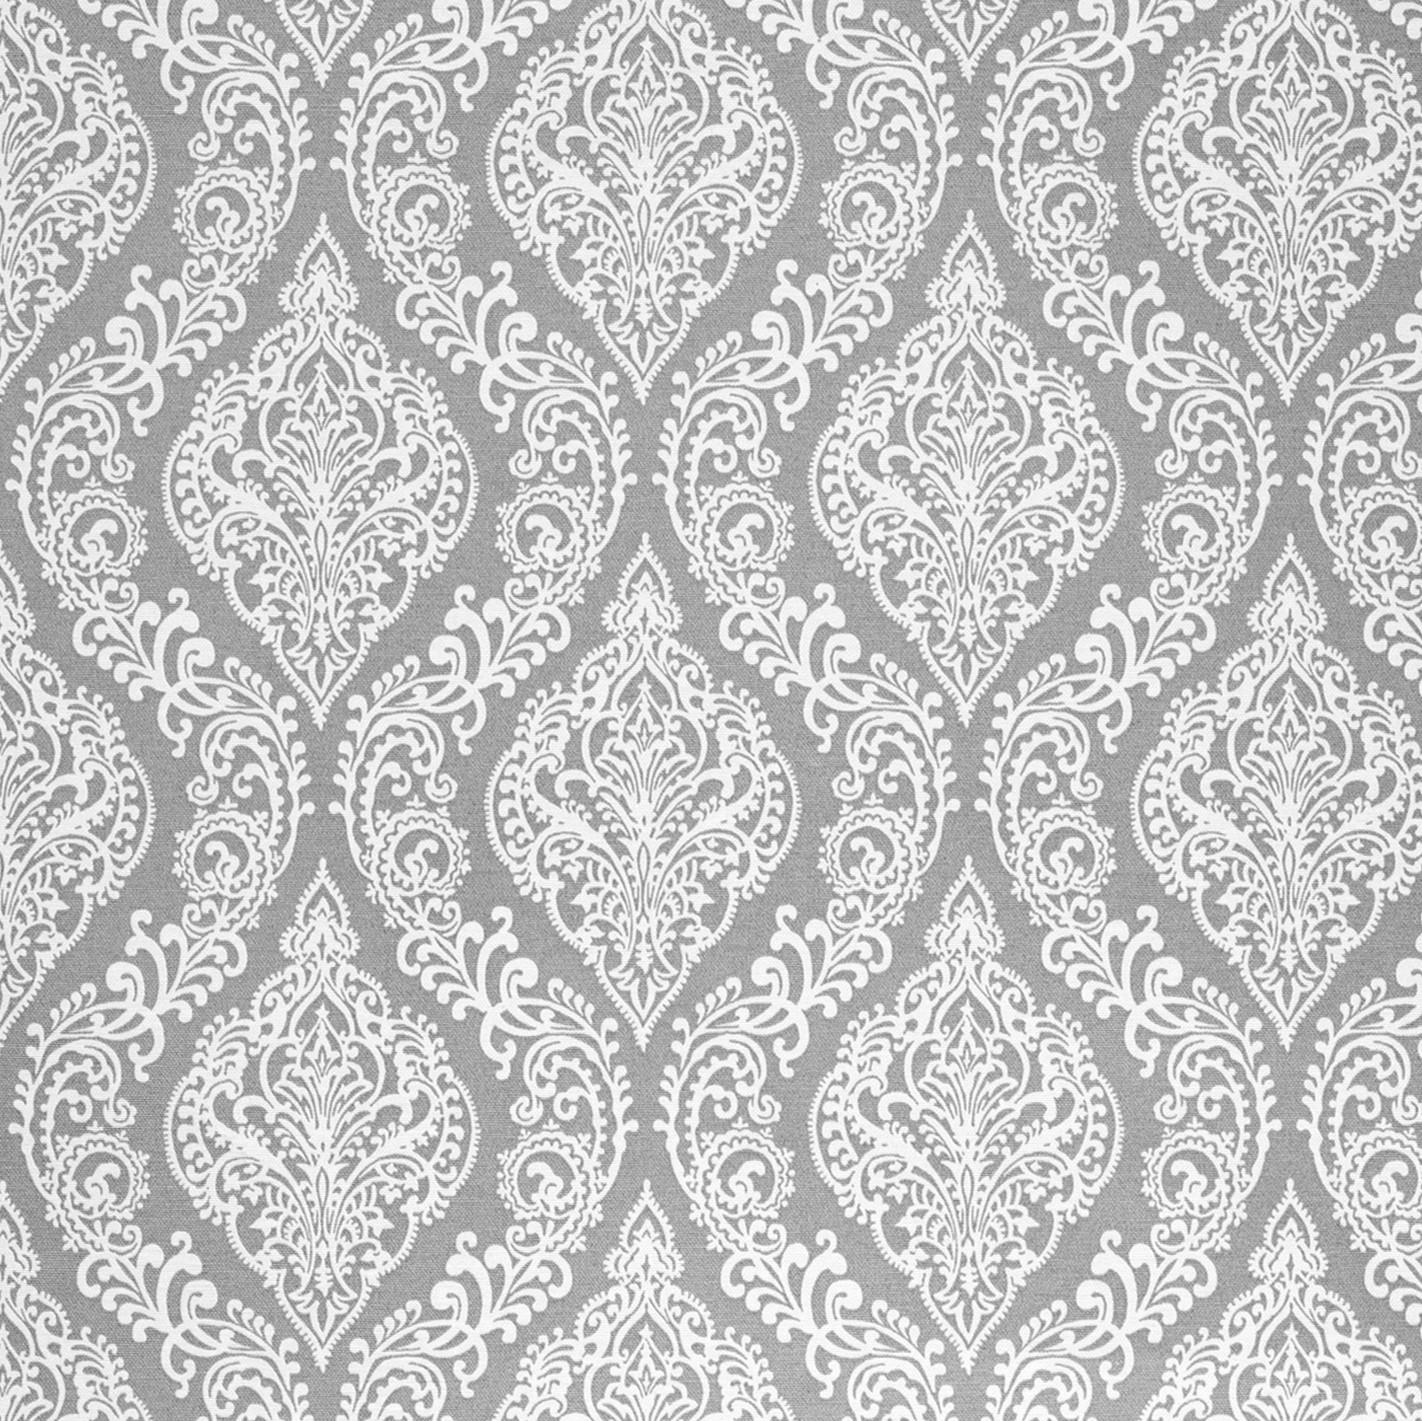 Mantel VICTORIANGRIS Rectangular 1,2x1,7m [retirooenvíoen 5·7díashábiles]